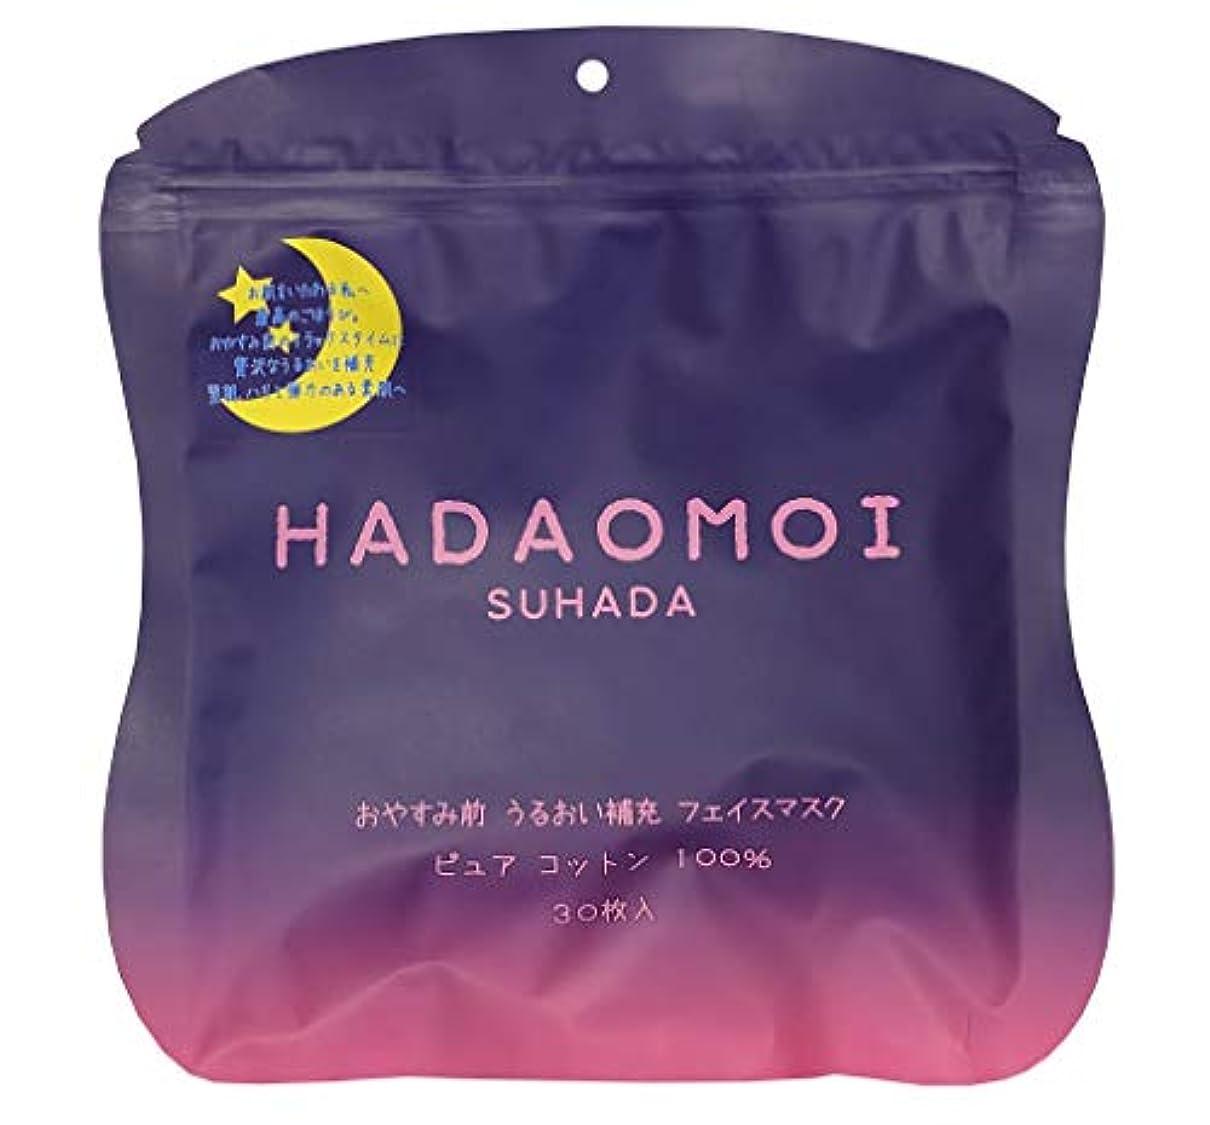 バクテリアはさみ接ぎ木HADAOMOI(ハダオモイ) おやすみ前 うるおい補充 フェイスマスク 30枚入